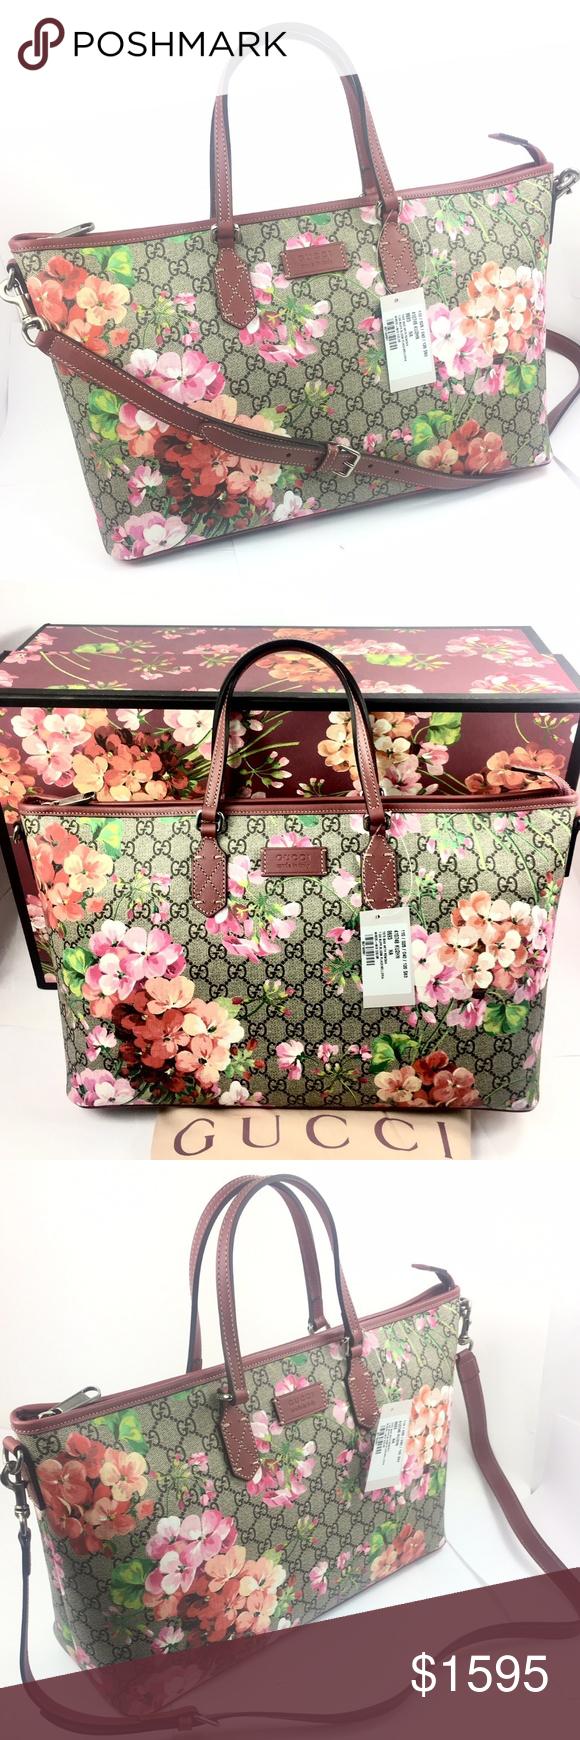 ca7f6cebda2 Gucci Bloom GG Supreme ZipTop Tote w/Strap #410748 - GG Supreme Coated  Canvas